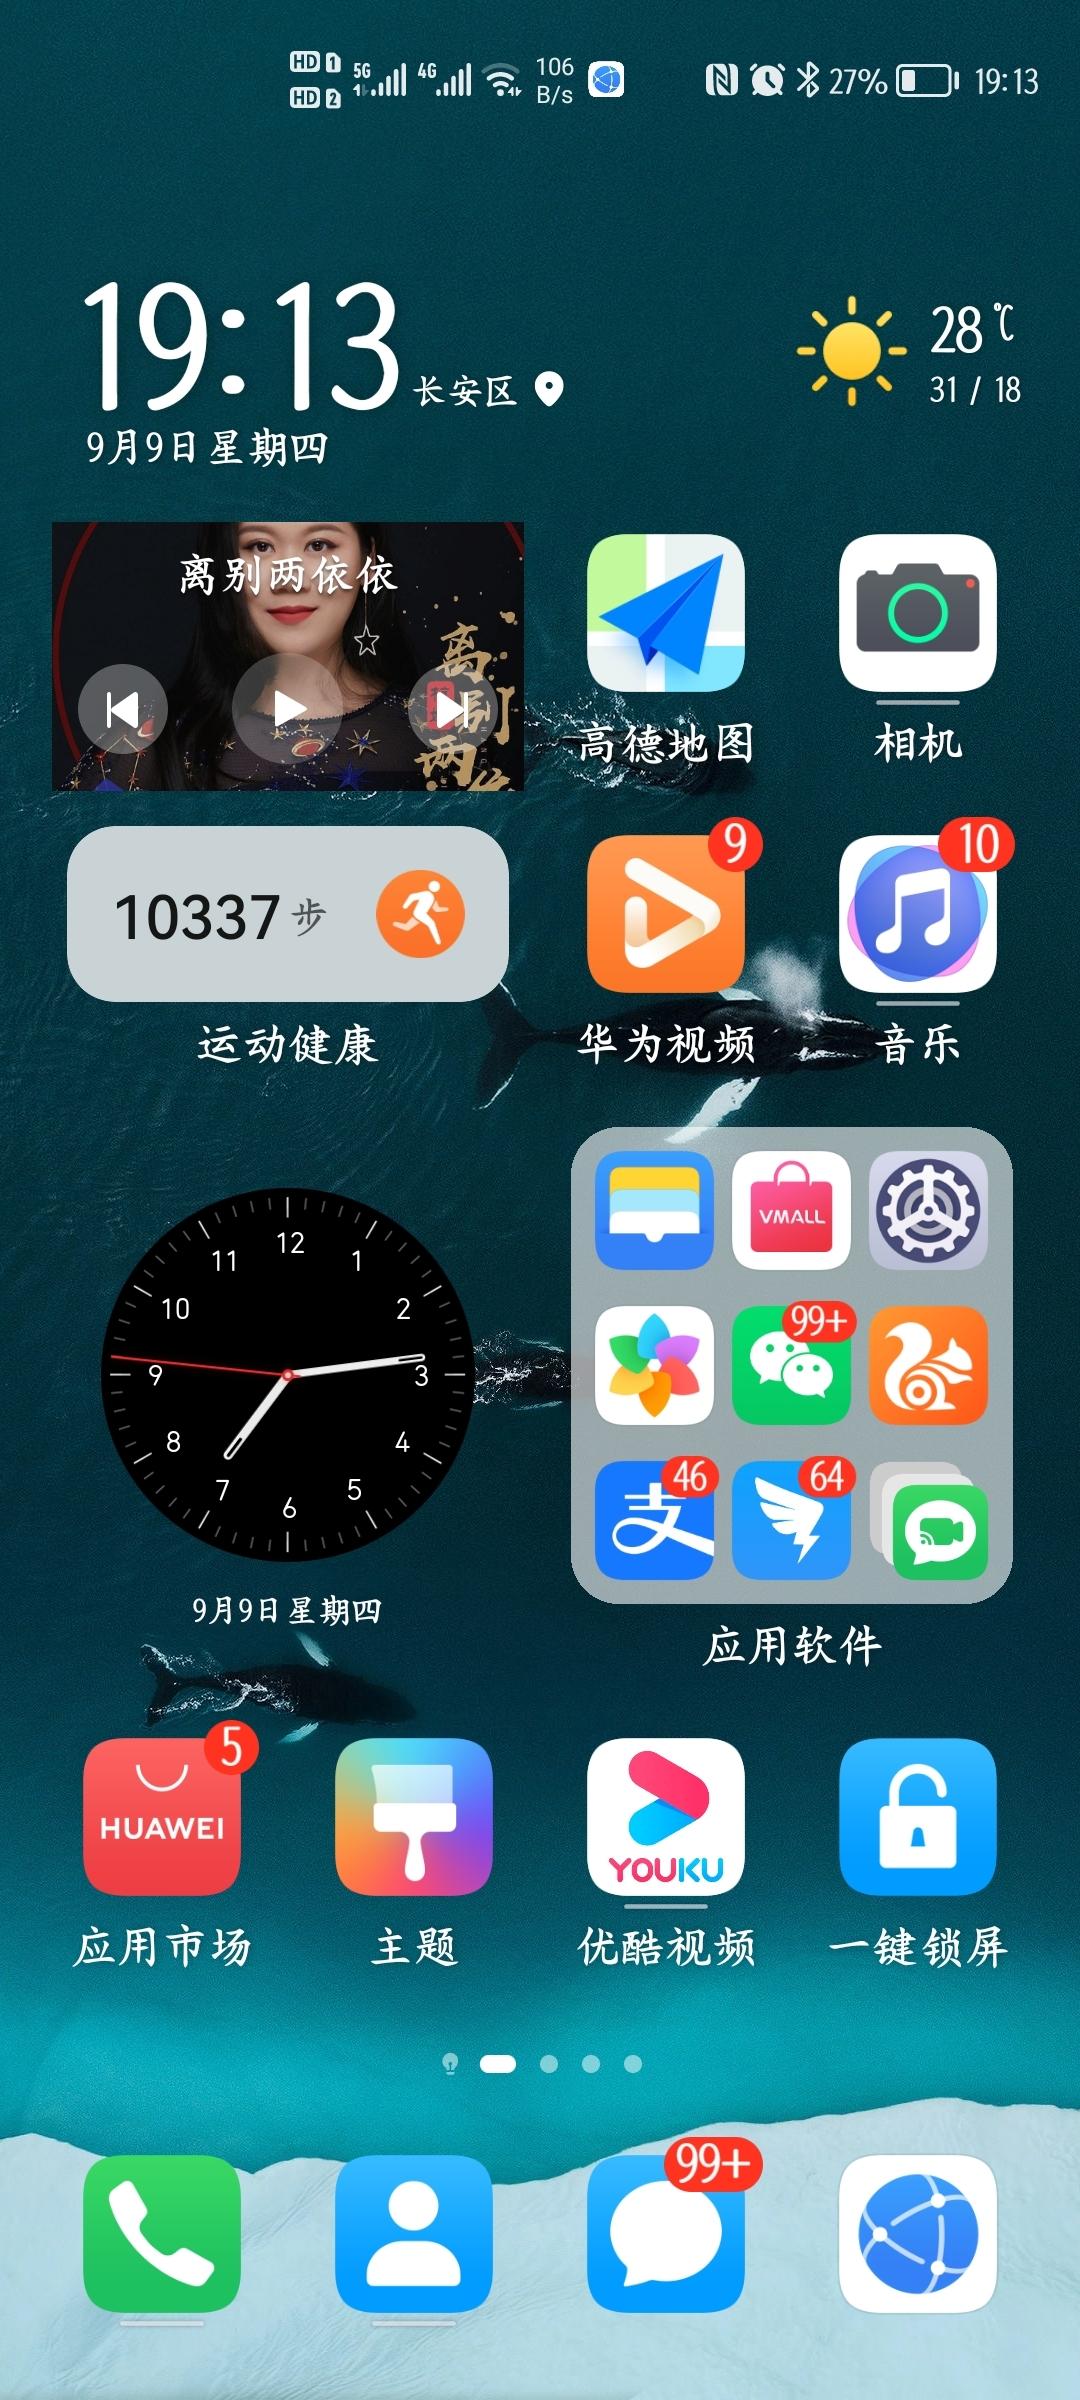 Screenshot_20210909_191347_com.huawei.android.launcher.jpg